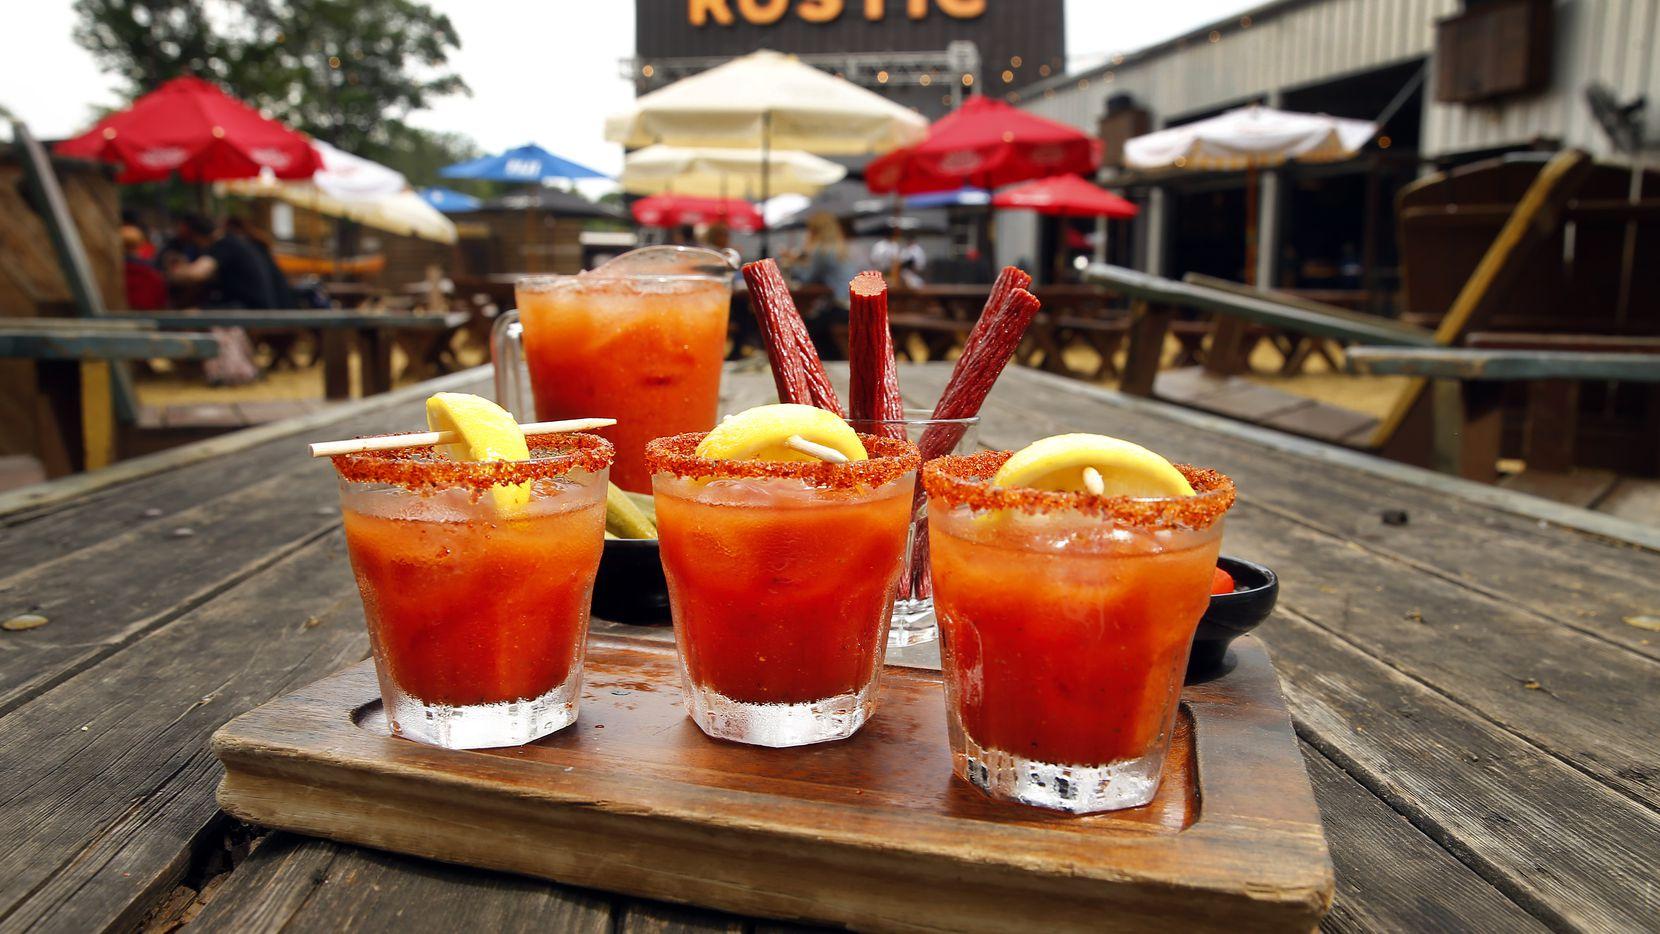 The Rustic en Howell St. in Dallas es uno de los bares que se ha transformado en restaurante para poder seguir operando durante la pandemia.